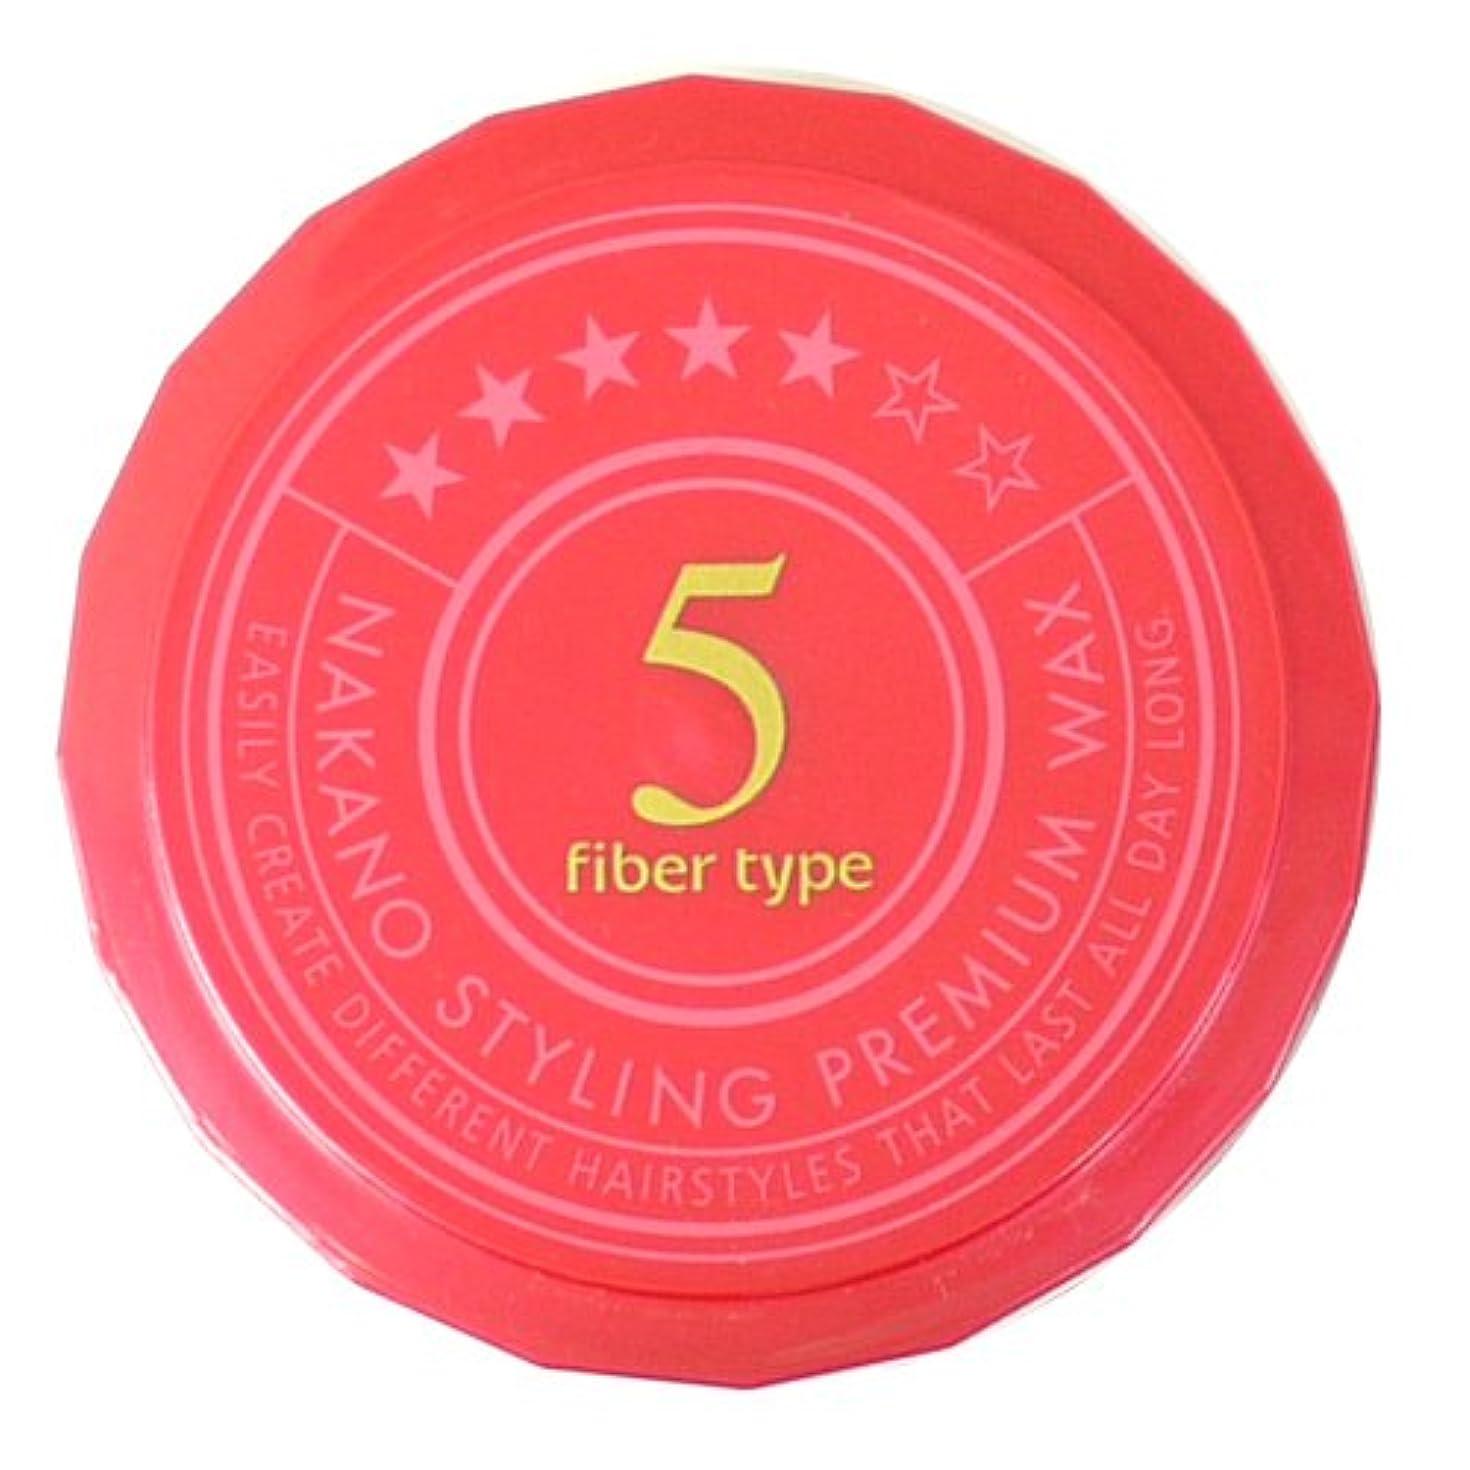 承認する硫黄モードリンナカノ スタイリングプレミアムワックス 5スーパーハード 60g